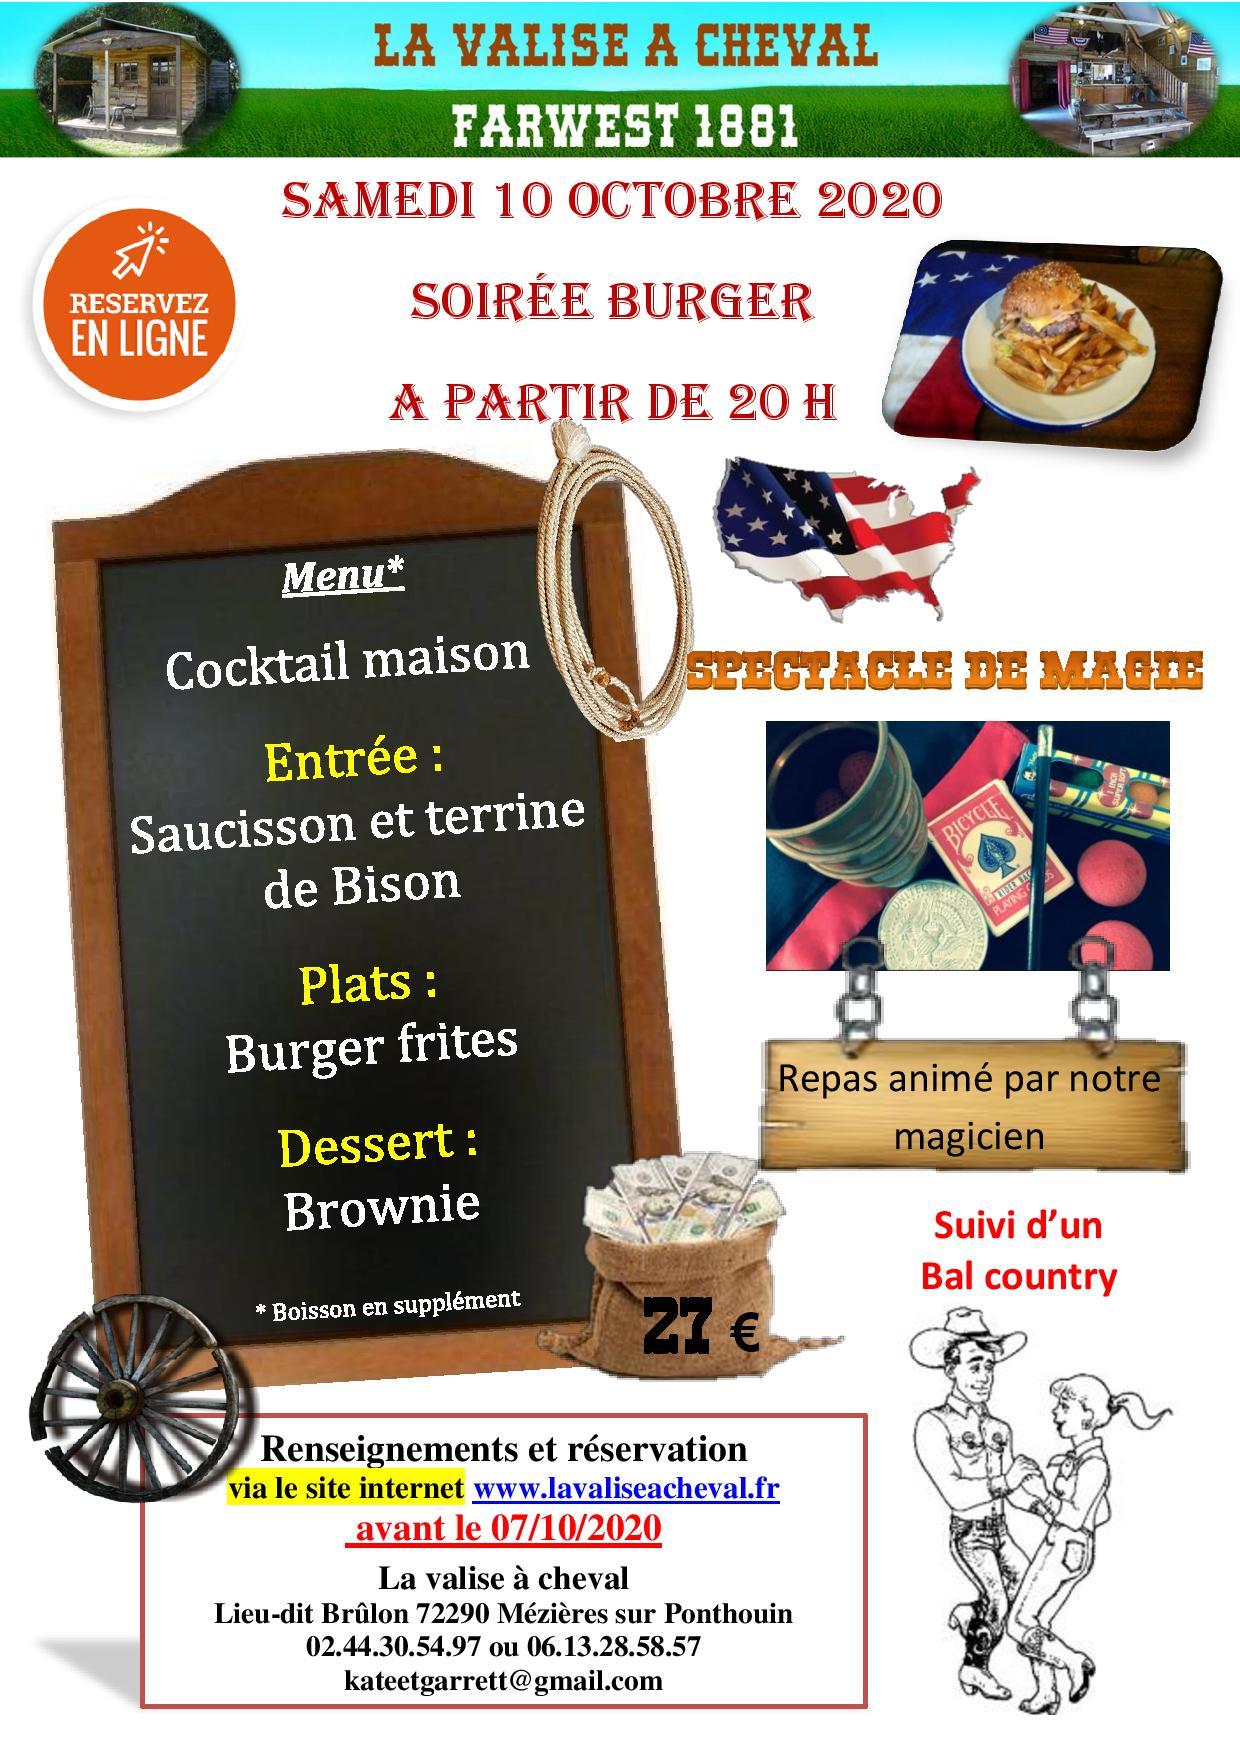 Soirée burger samedi 10 octobre 2020